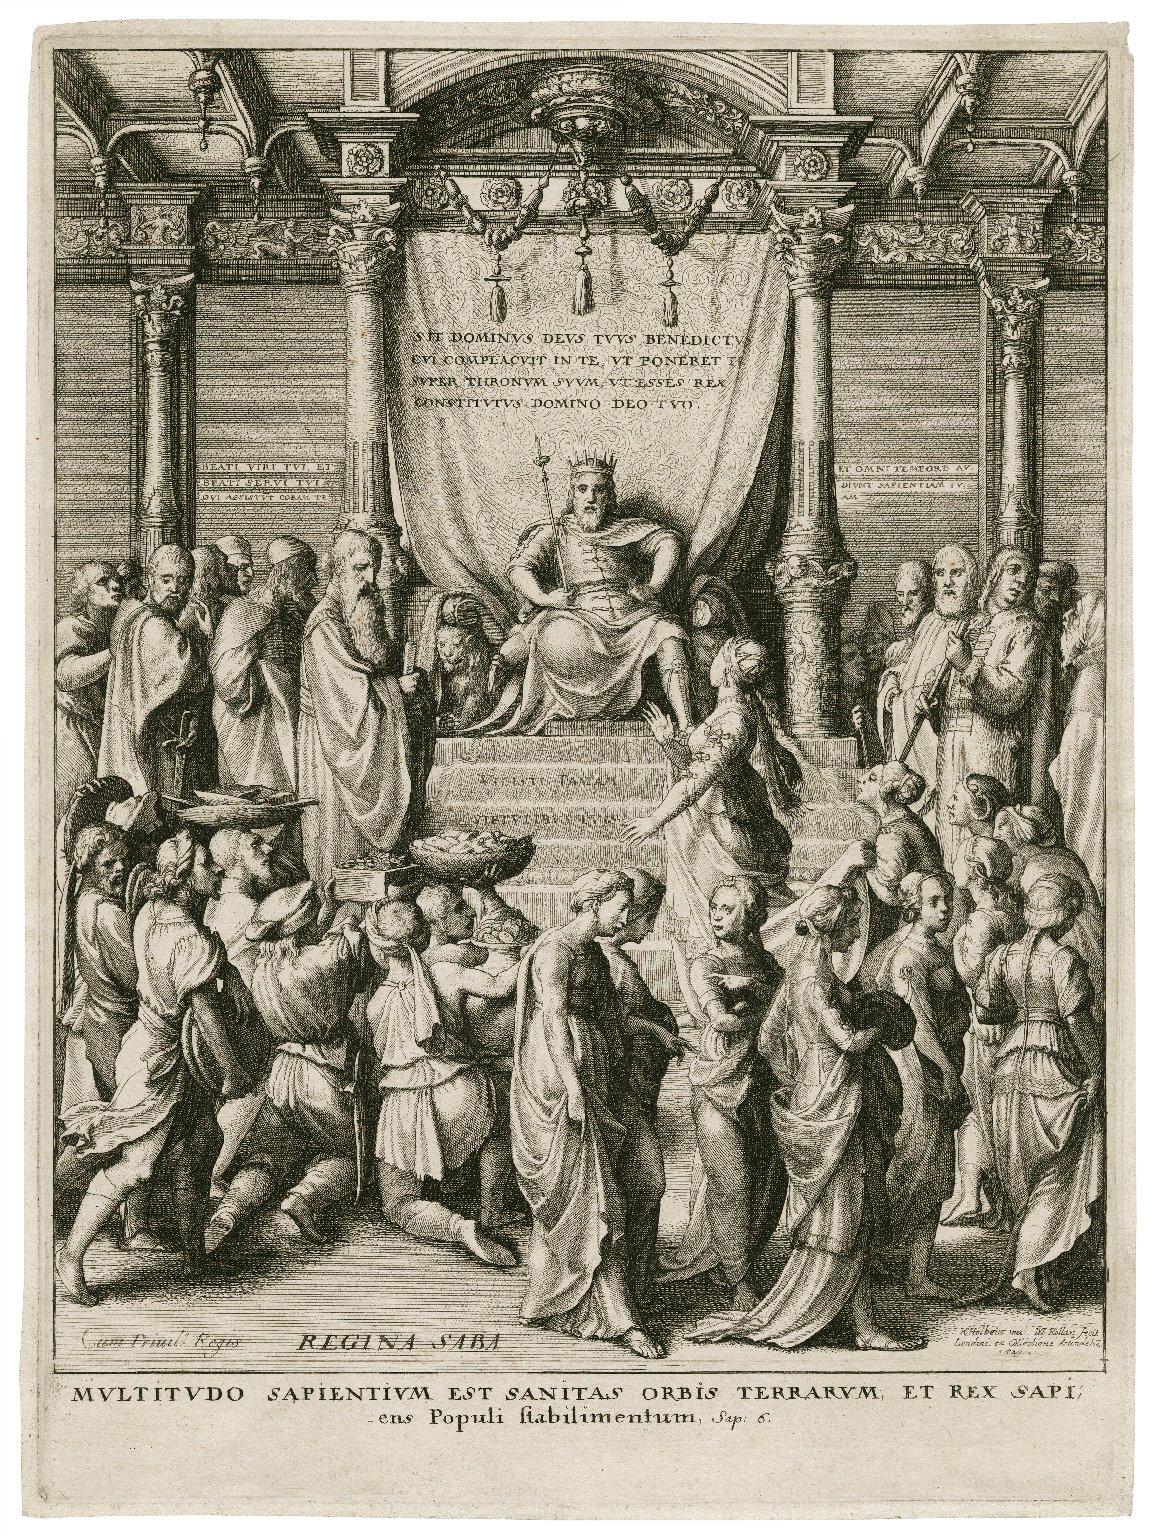 Multitudo sapientium est sanitas orbis terrarum, et rex sapiens populi stabilimentum, sap. 6 [graphic] / H. Holbein inu. ; W. Hollar fecit.